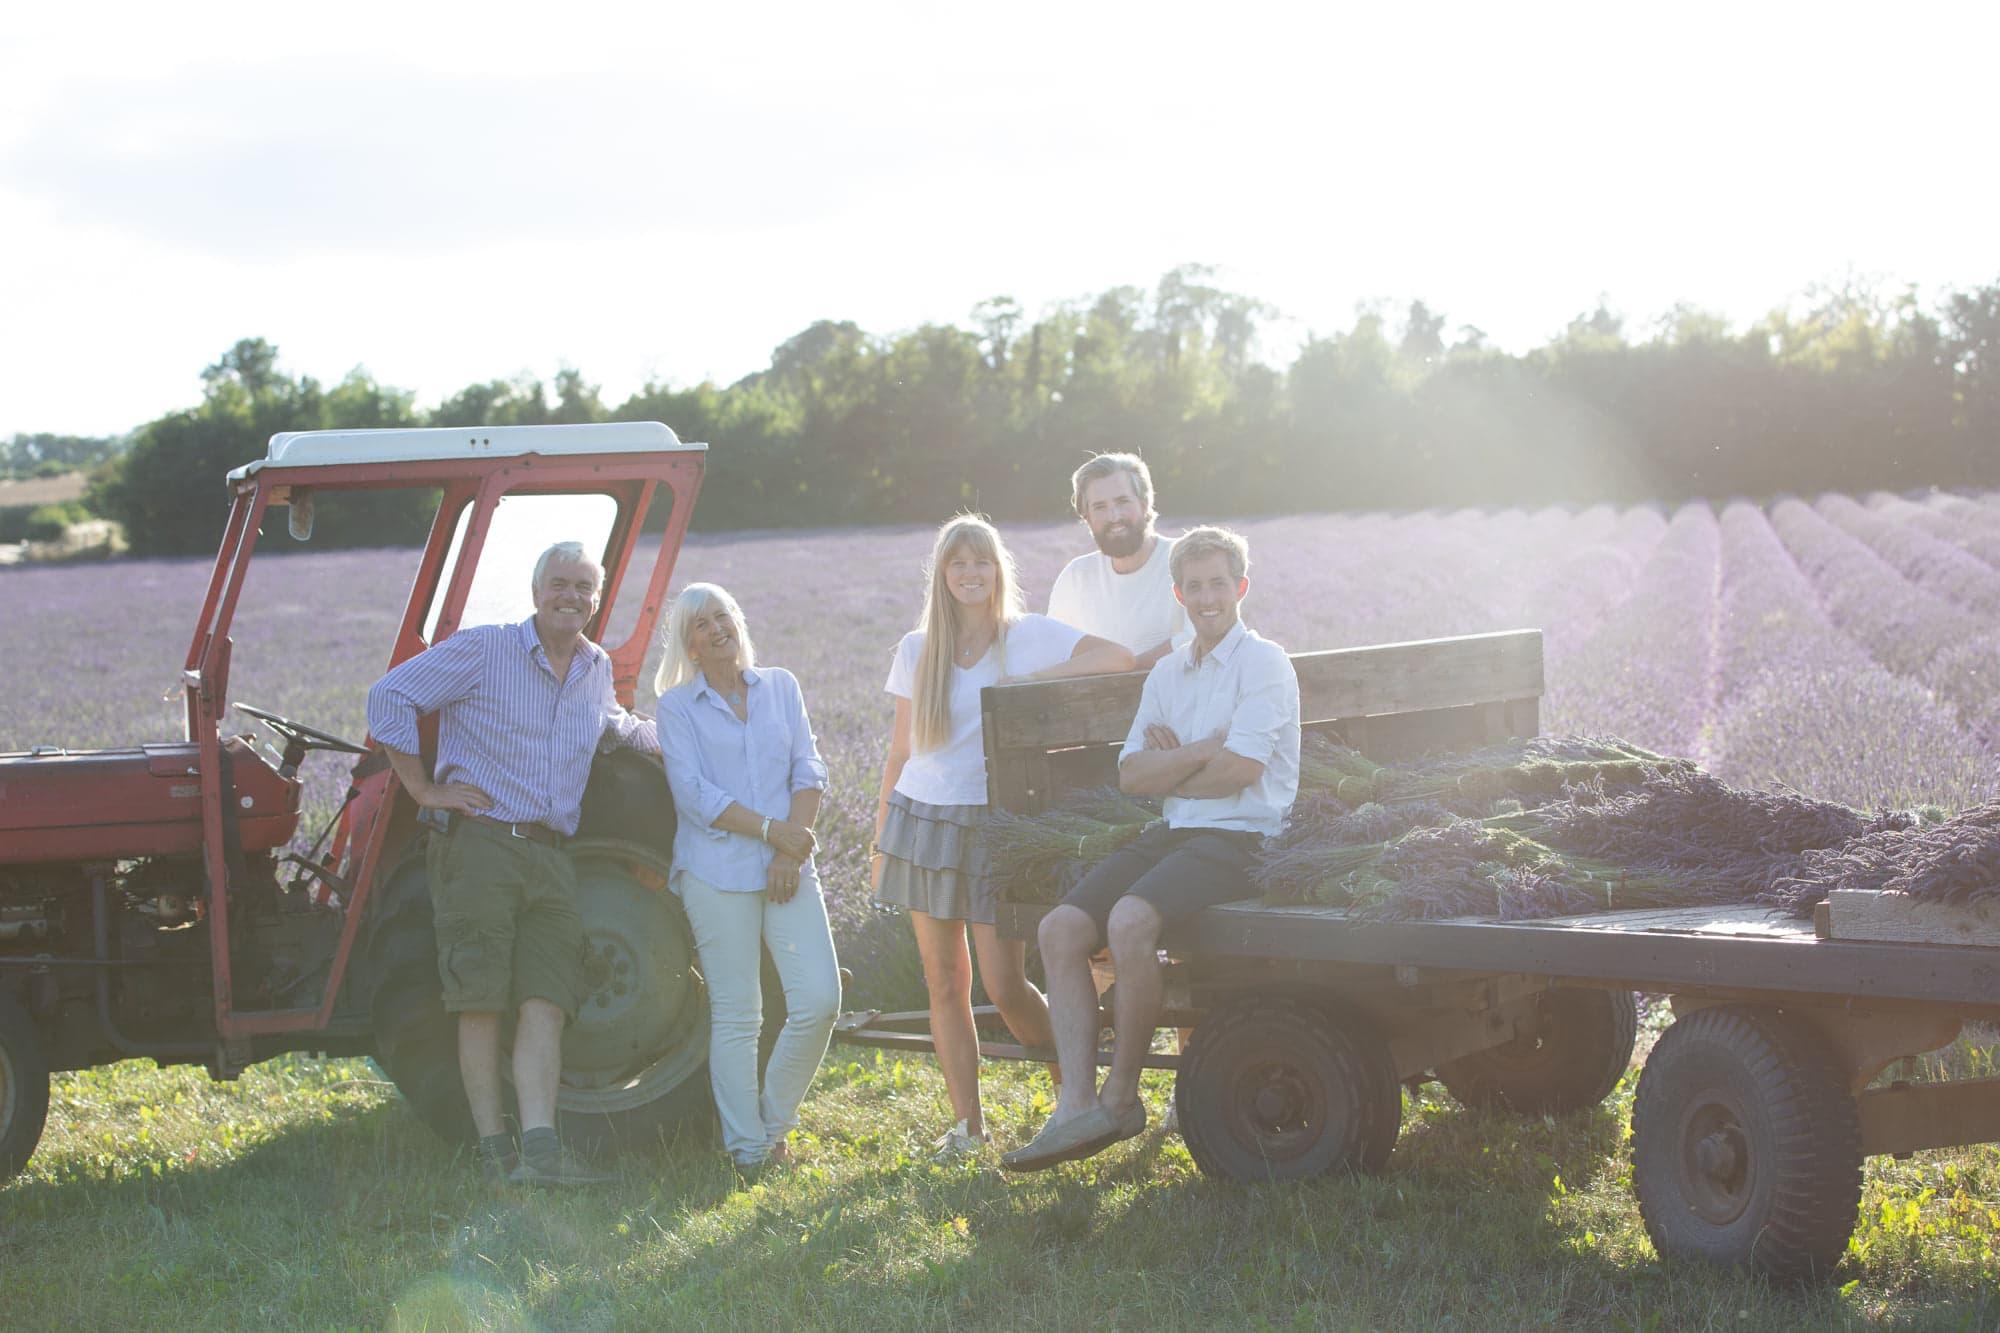 Family image shot in the lavender fields of Castle Farm in Shoreham Kent